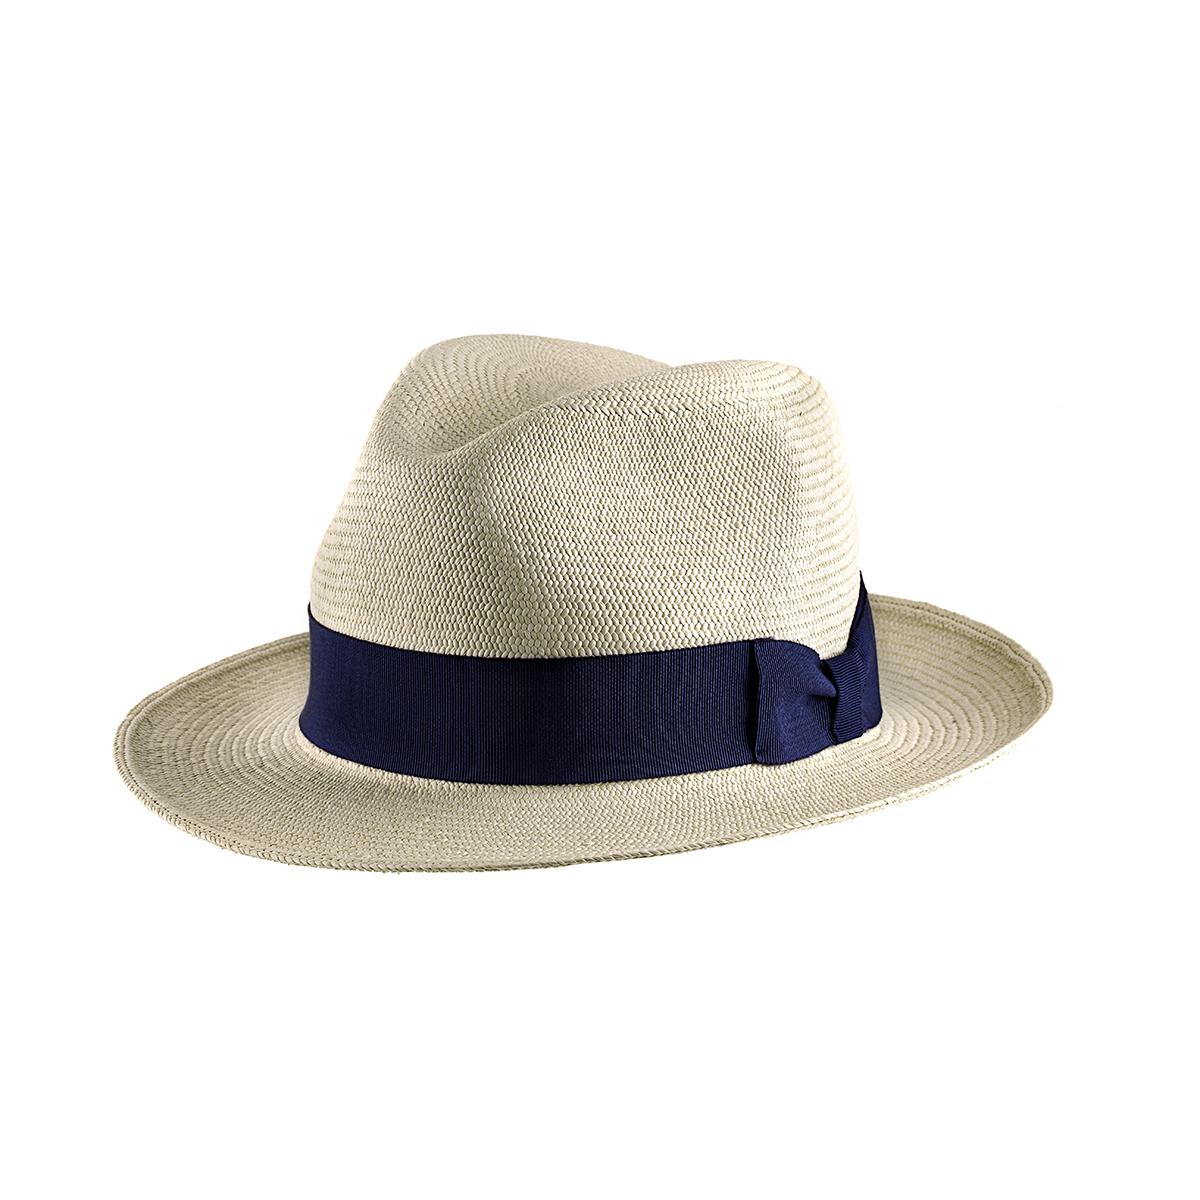 550a751f6 Genuine Montecristi Panama hat. Woven in Ecuador